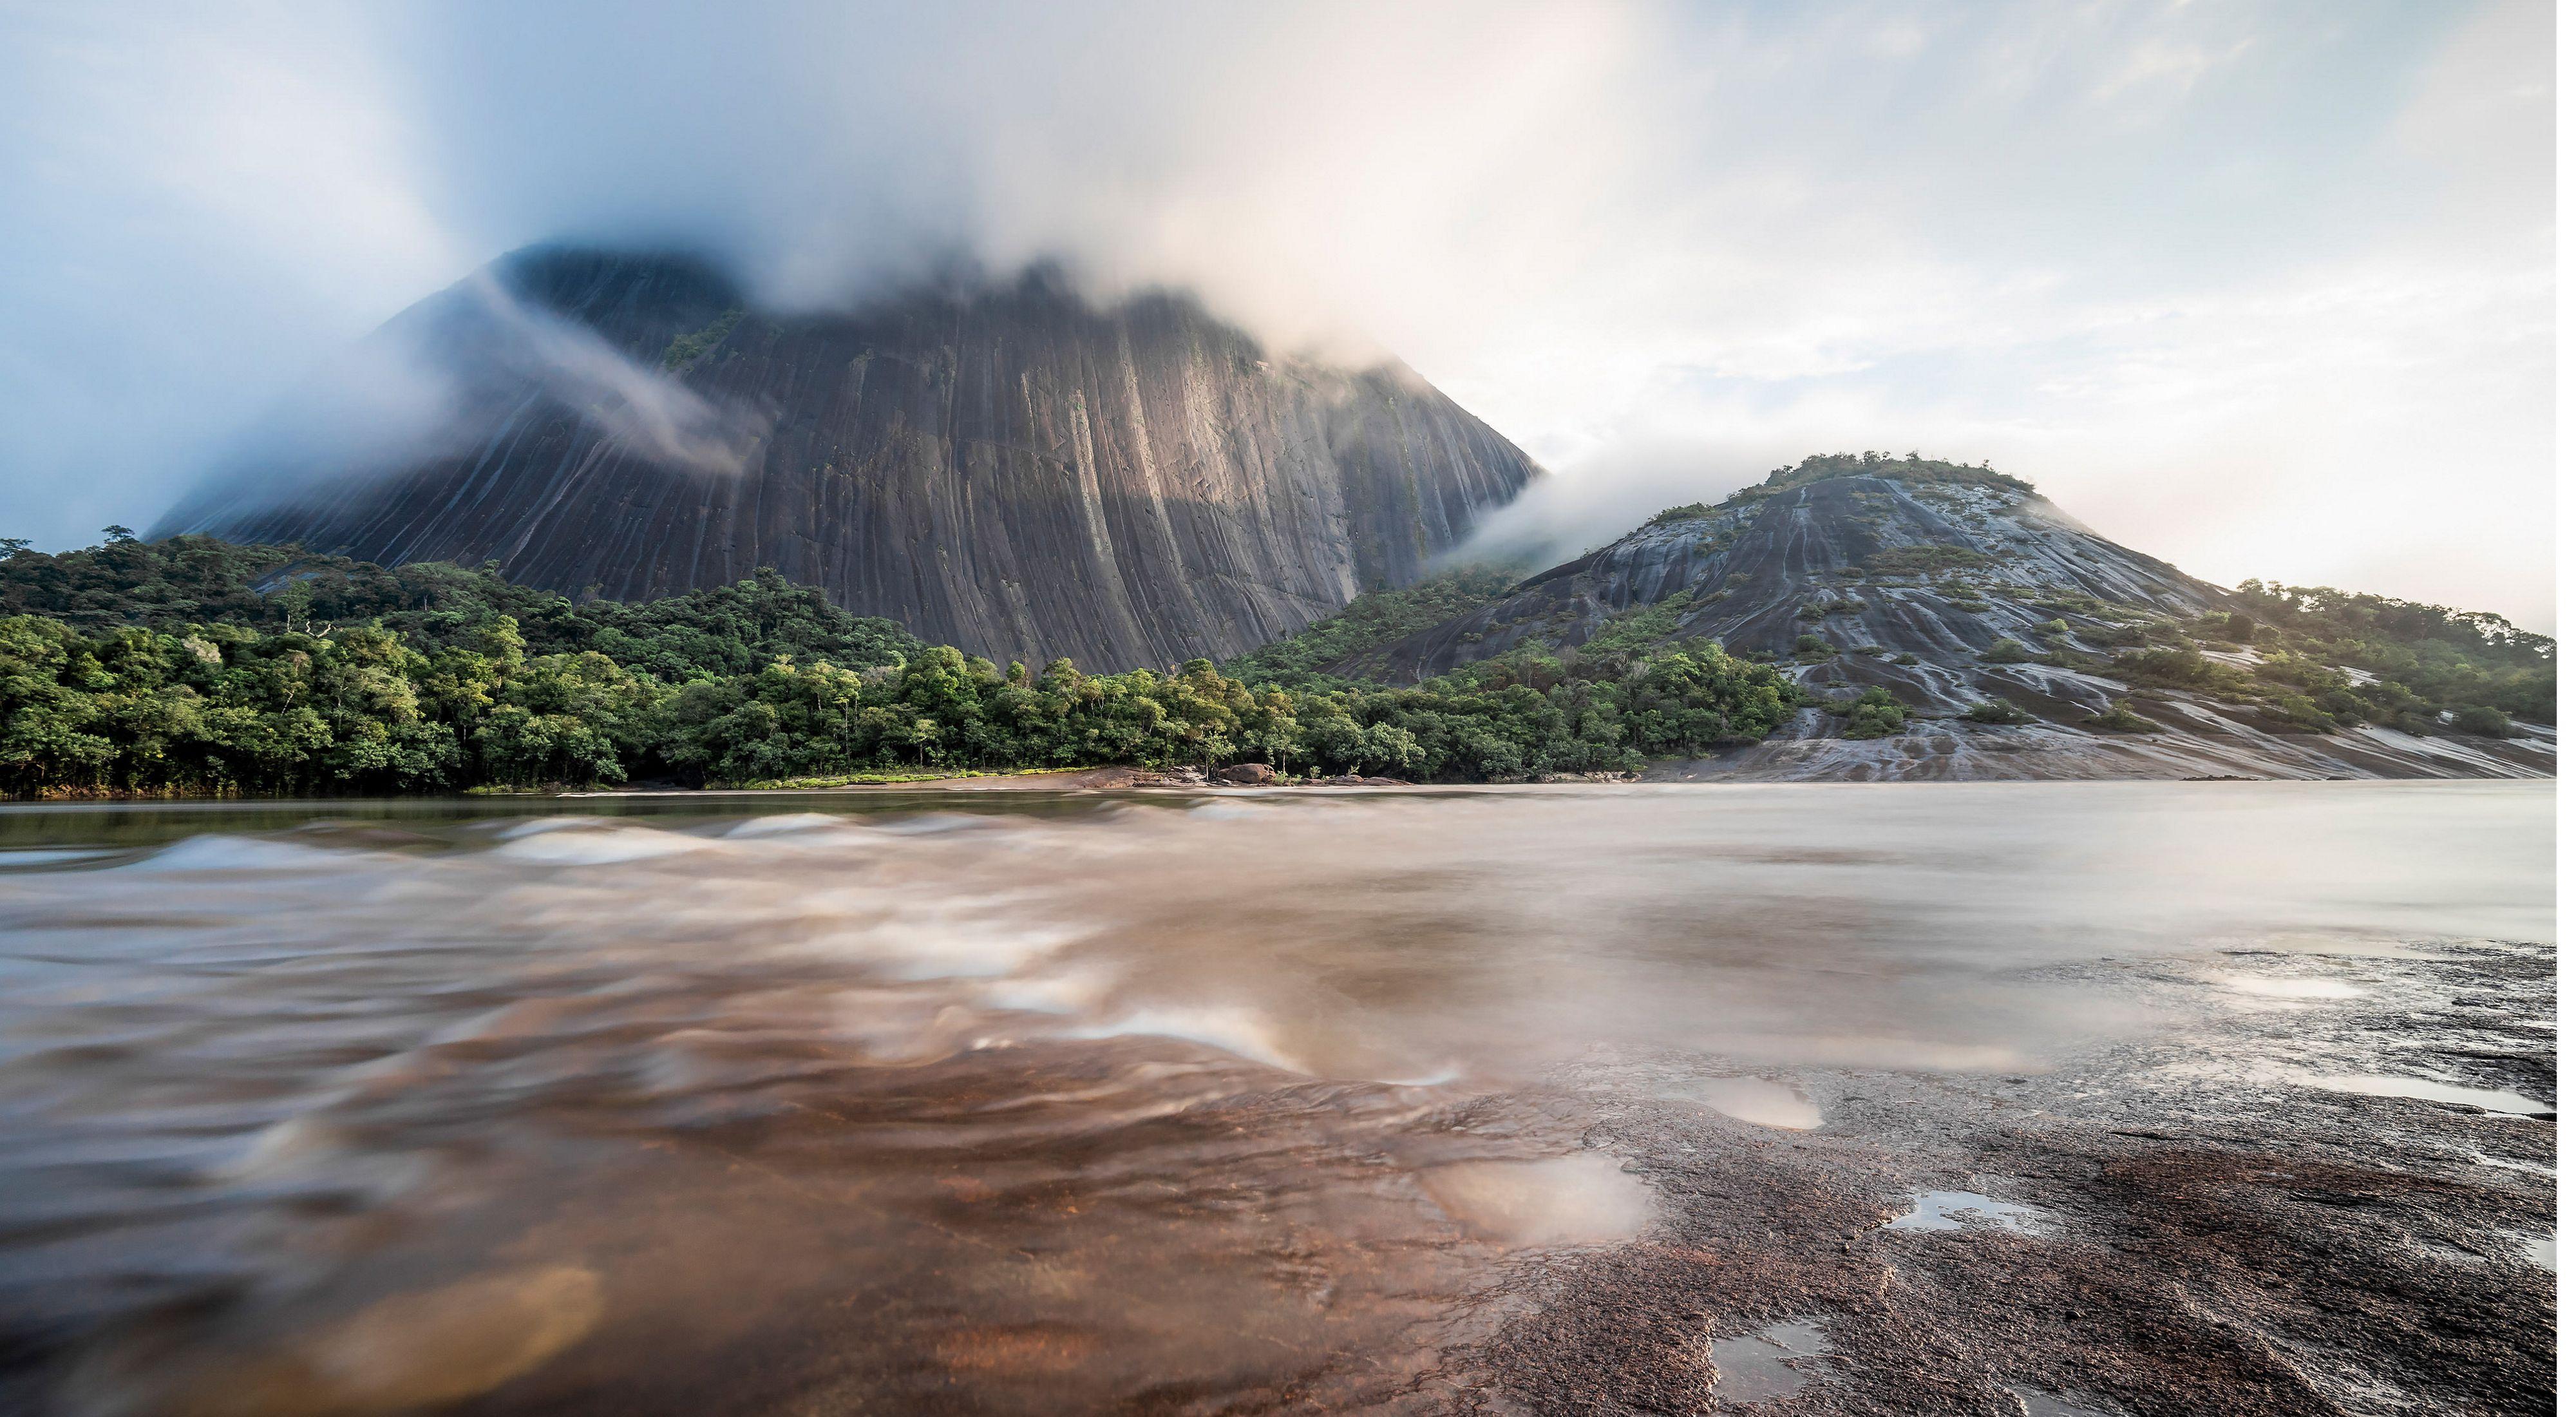 Realice esta fotografía la mañana del 18 de abril del 2019, mientras la neblina empezaba a elevarse cubriendo la punta del cerro ''Pajarito'', decidí capturar una larga exposición donde se observara el paso del agua en el río Inirida y el pasar de la neblina hacia el cielo.